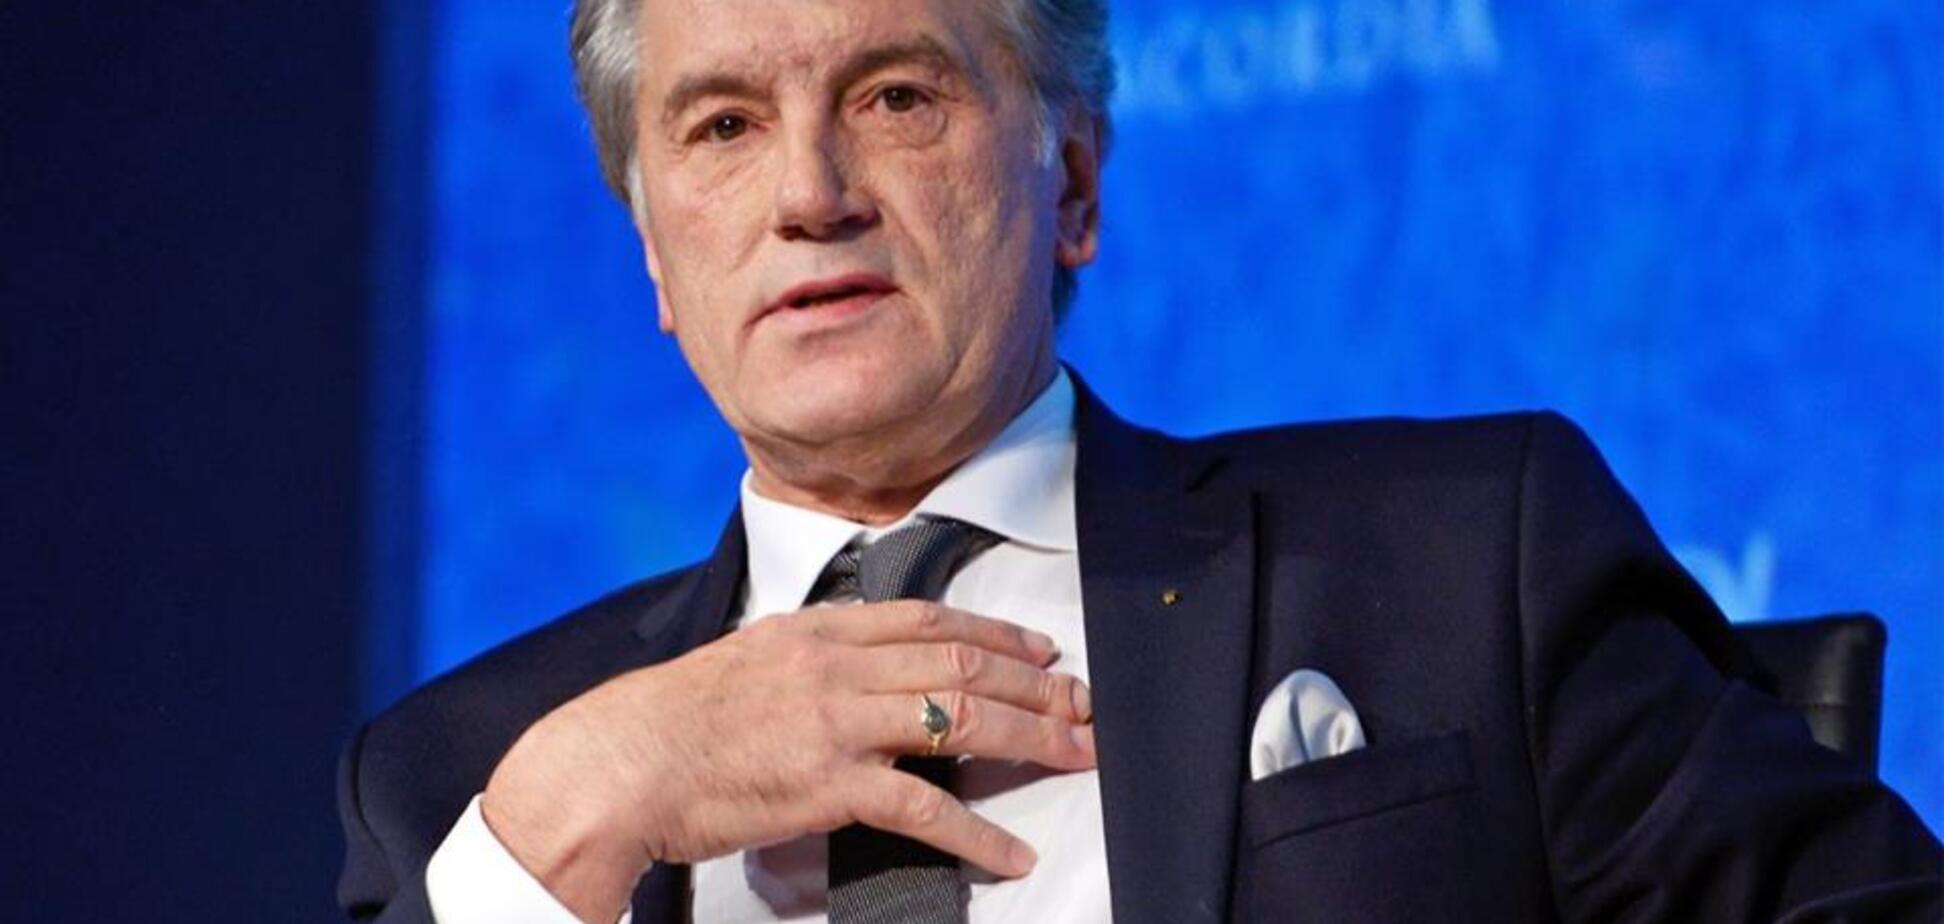 'Яд додали до рису': Ющенко порівняв своє отруєння зі справою Скрипаля